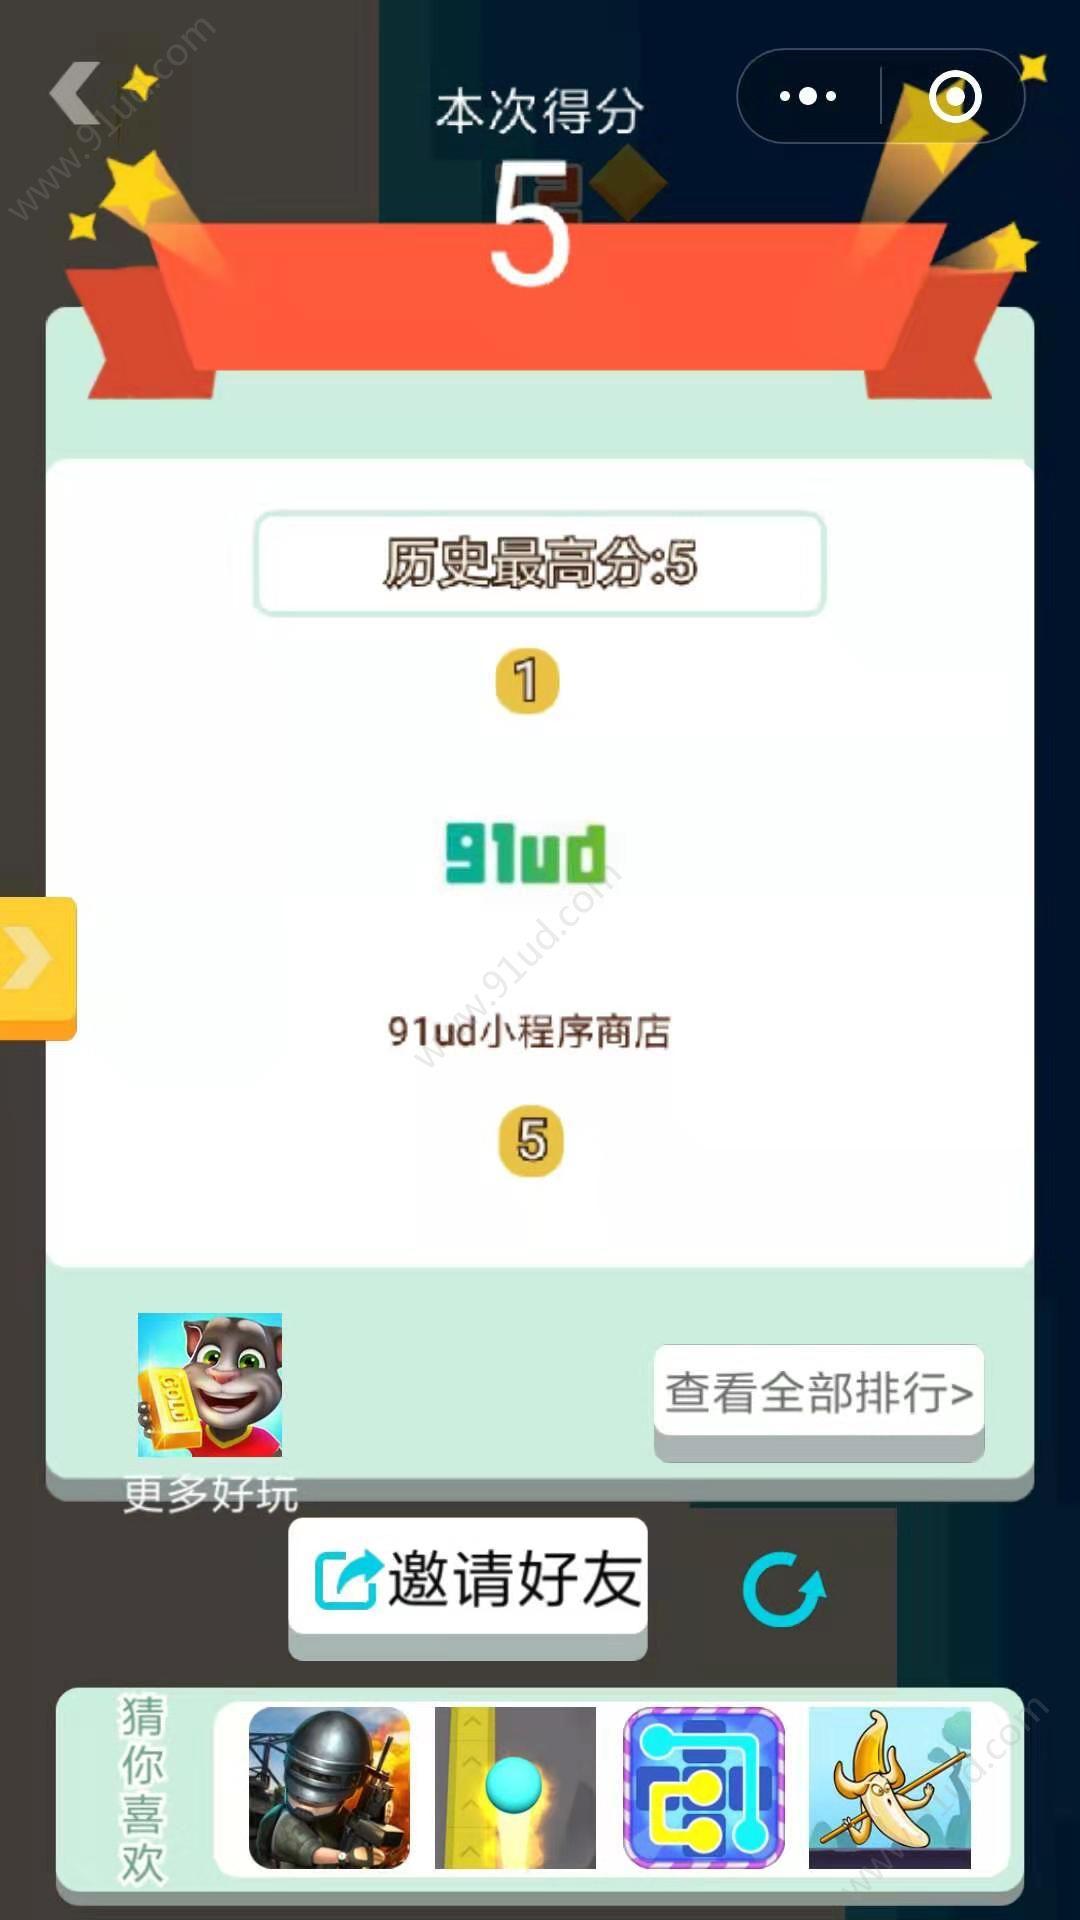 全民蜘蛛侠小程序截图